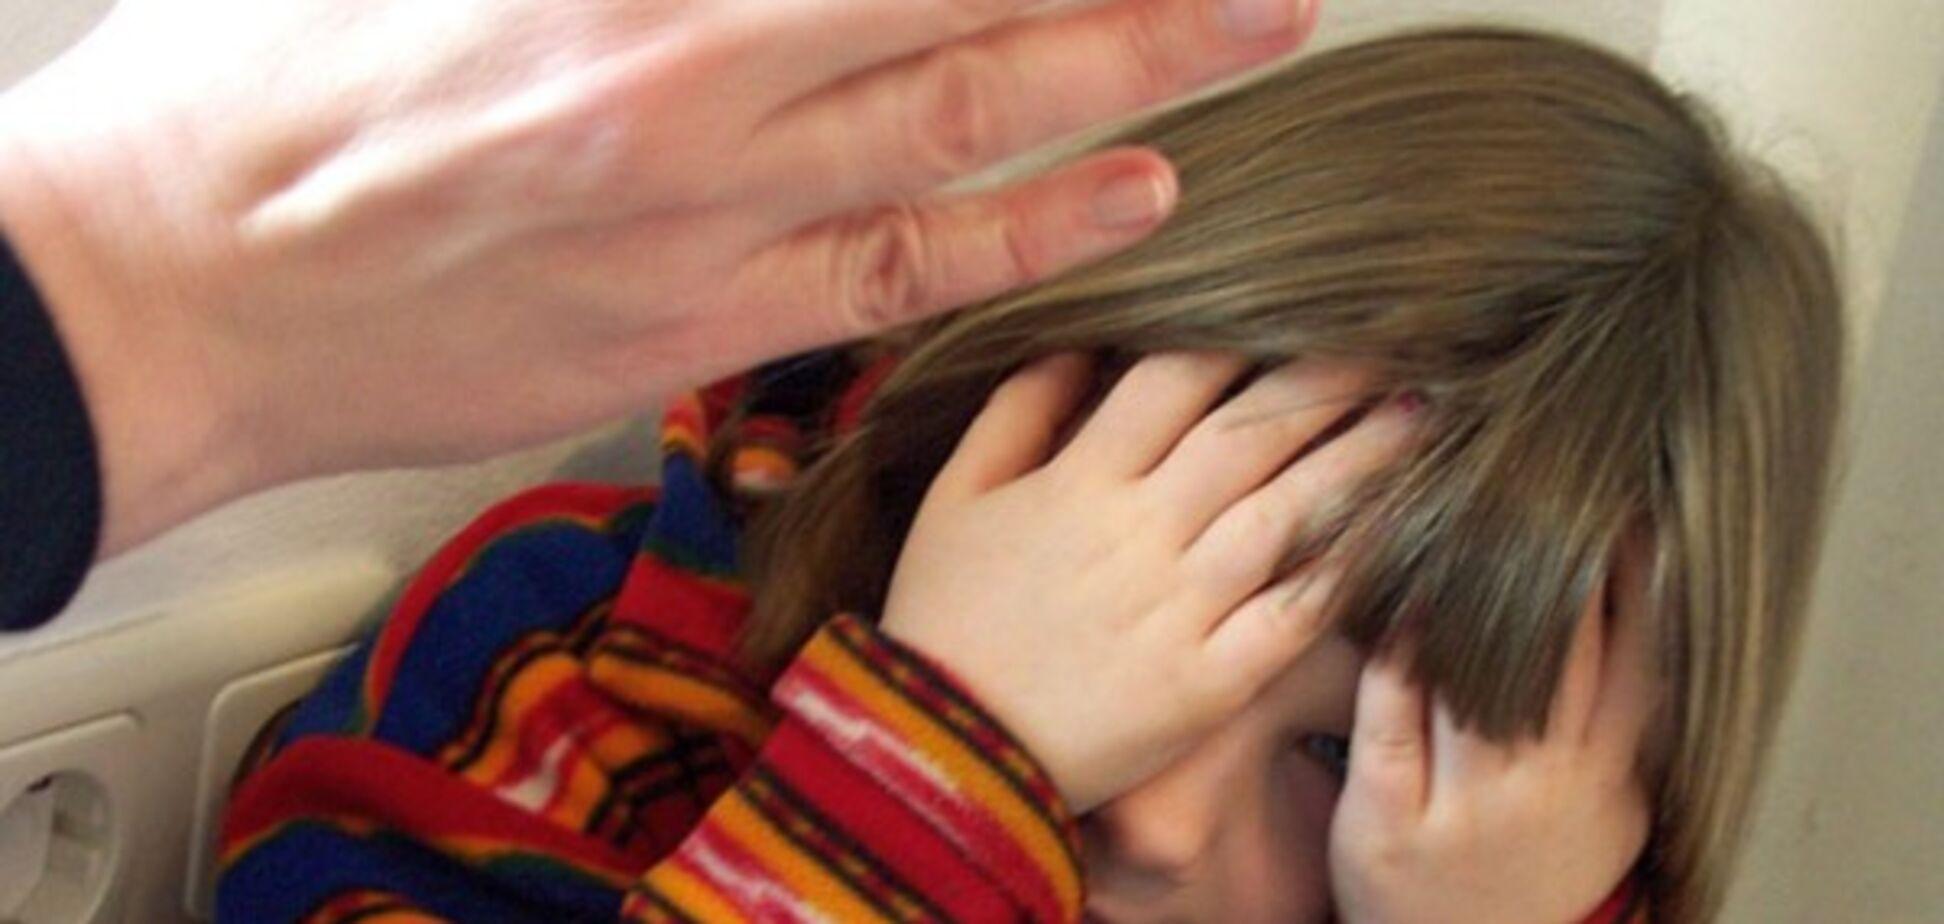 Угрожала бить ребенка по лицу: в сети разгорелся скандал из-за поборов